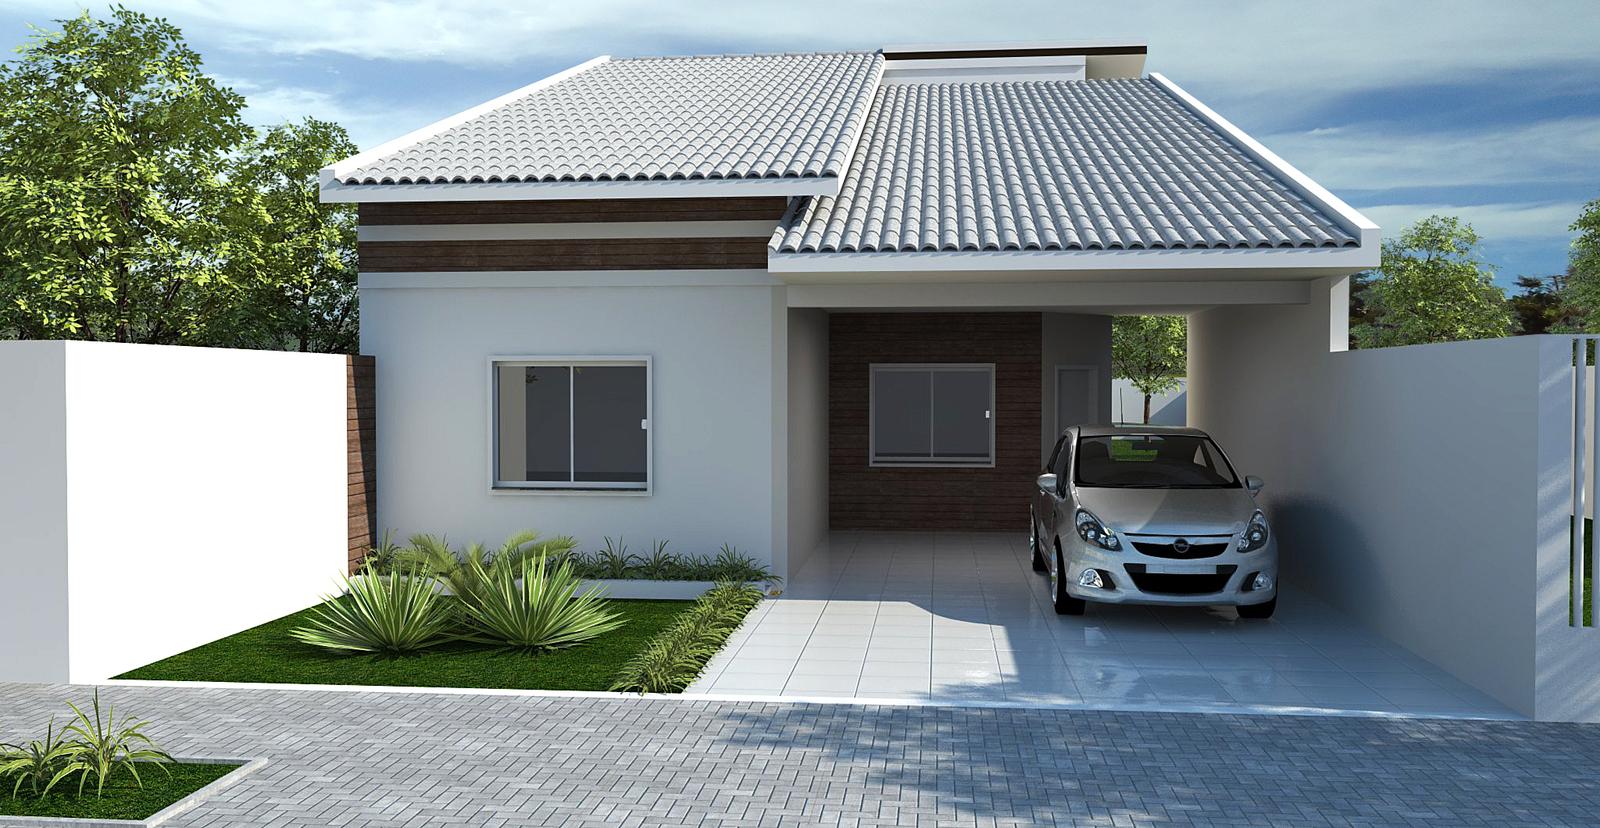 10 modelos de fachadas de casas baratas Casas pequenas con porche